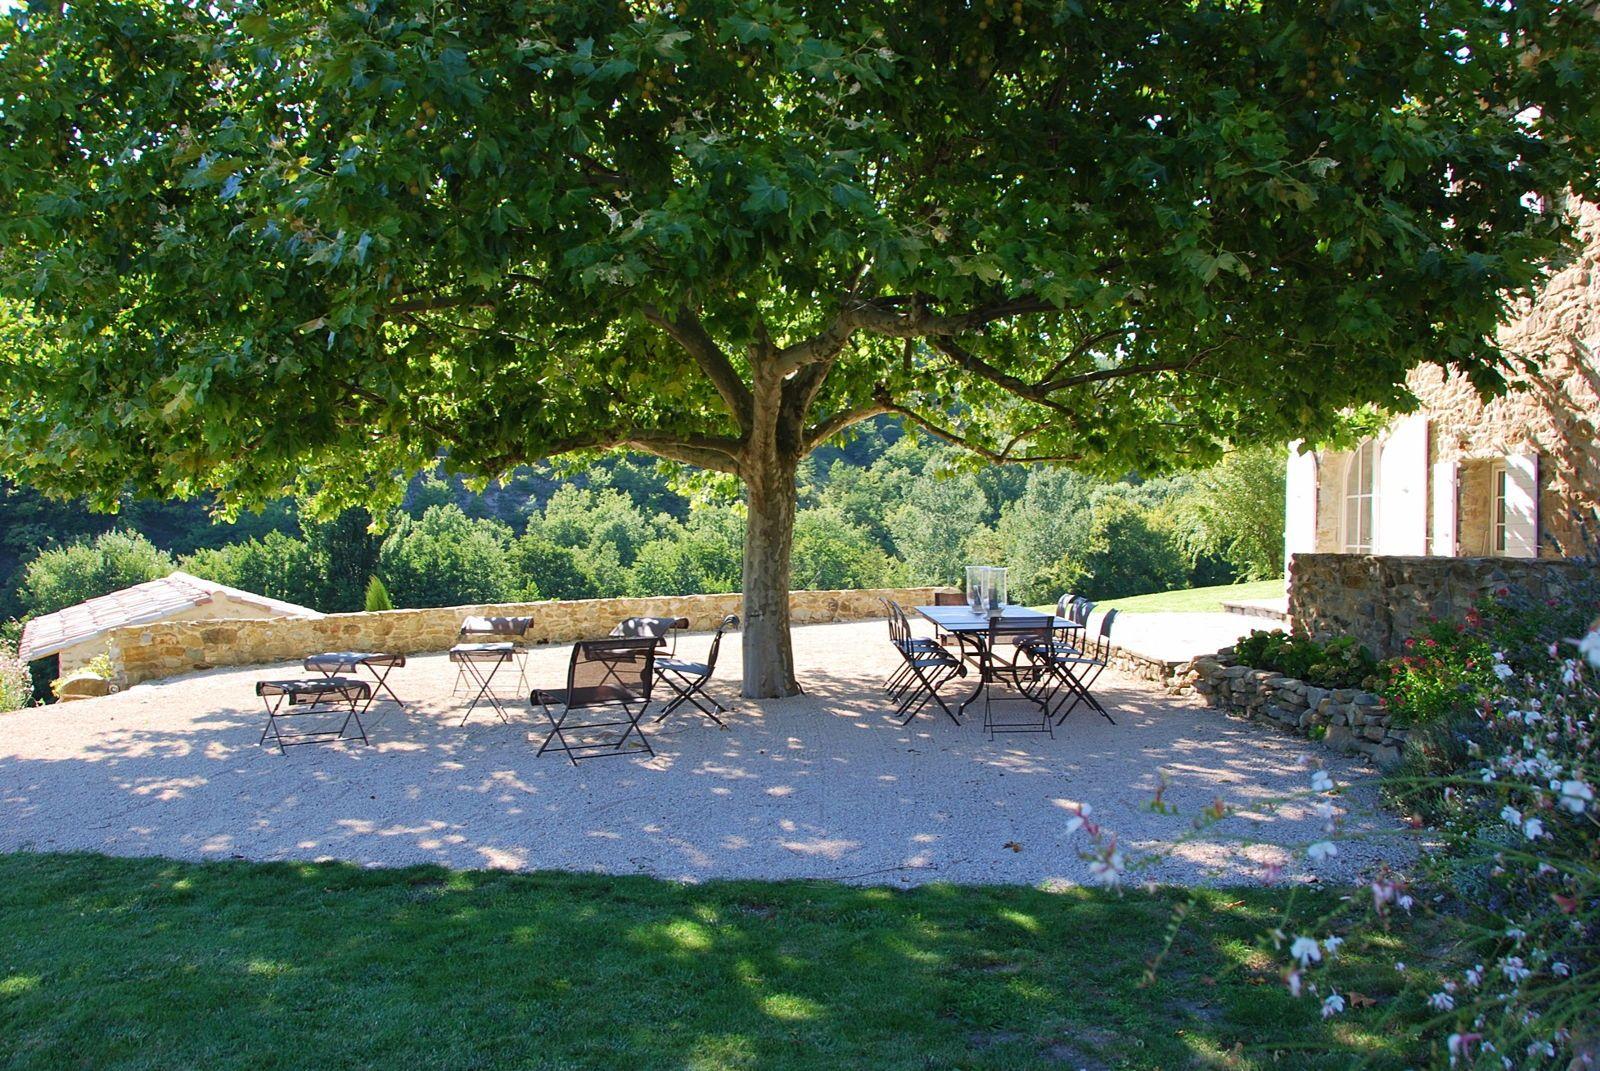 Loue maison de charme en Drôme provençale, 10couchages, piscine